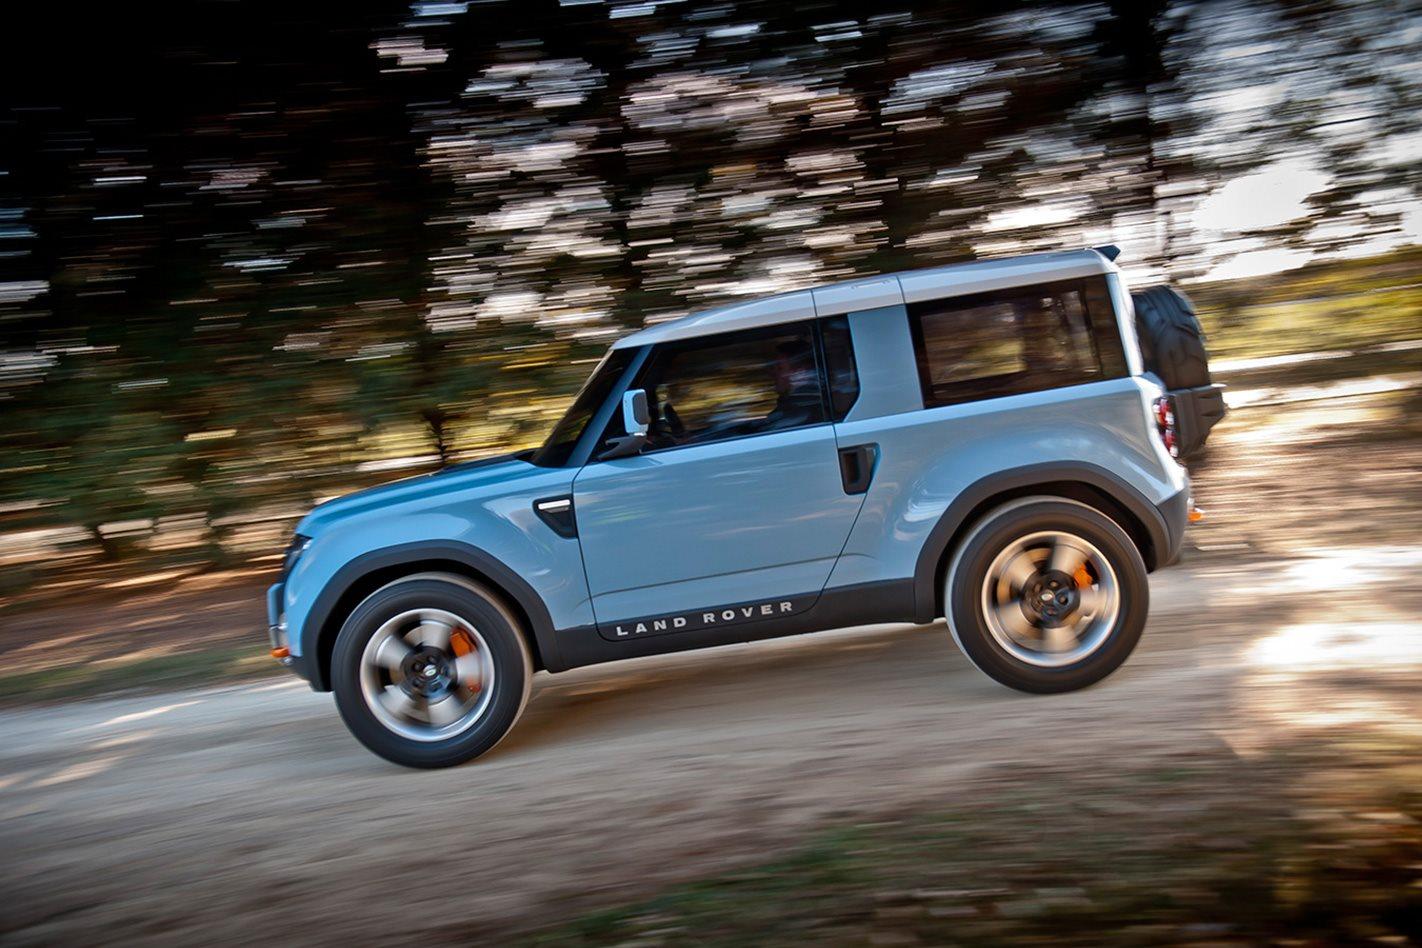 Land-Rover-Defender-Concept-side.jpg